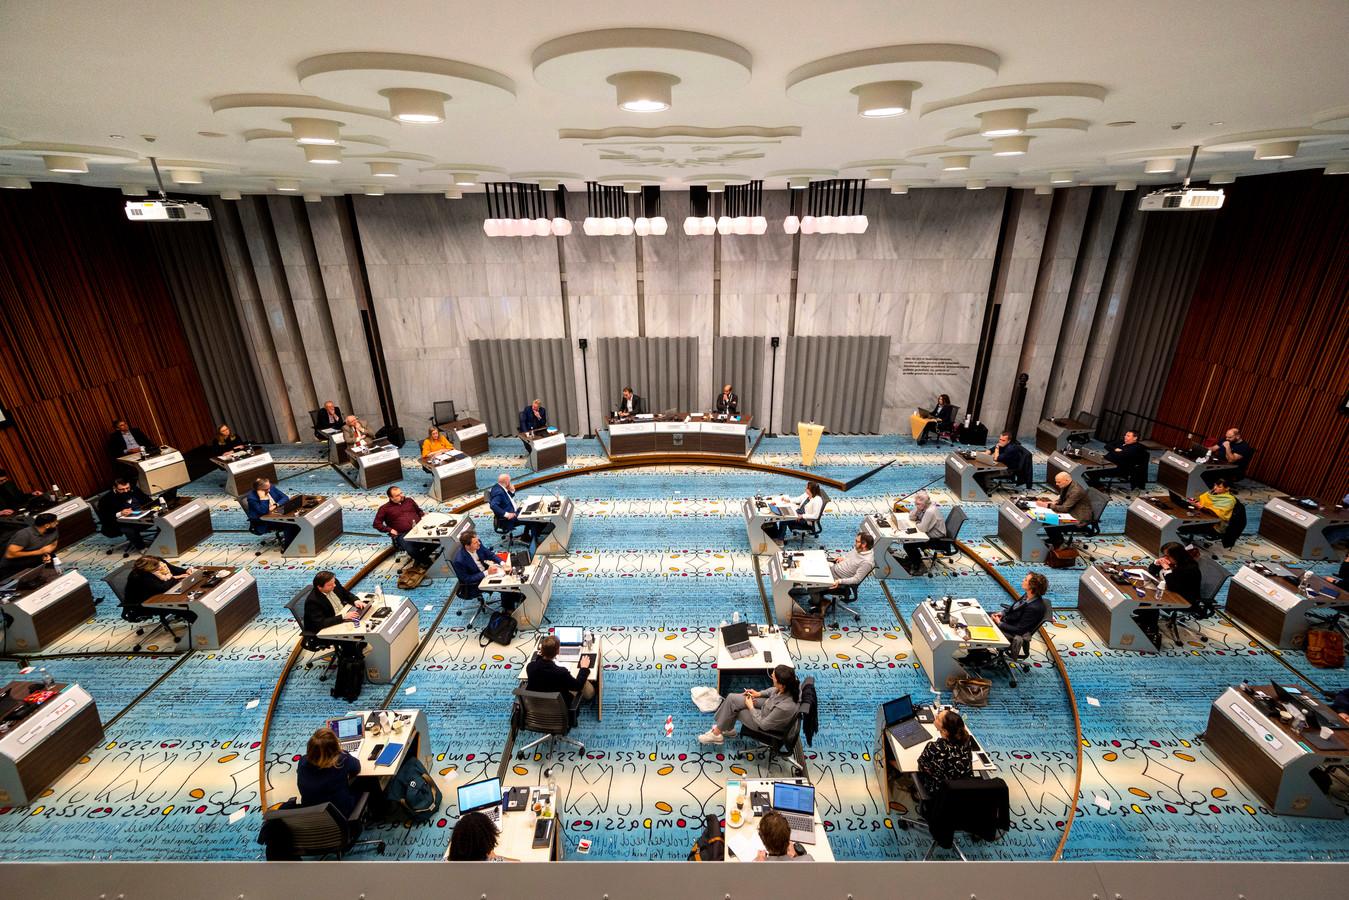 De gemeenteraad  van Arnhem tijdens de vergadering waarin de wethouders Jan van Dellen (VVD) en Martien Louwers (PvdA) onder vuur lagen vanwege de te late en gebrekkige informatie over het rapport over ongelijke behandeling van personeel.